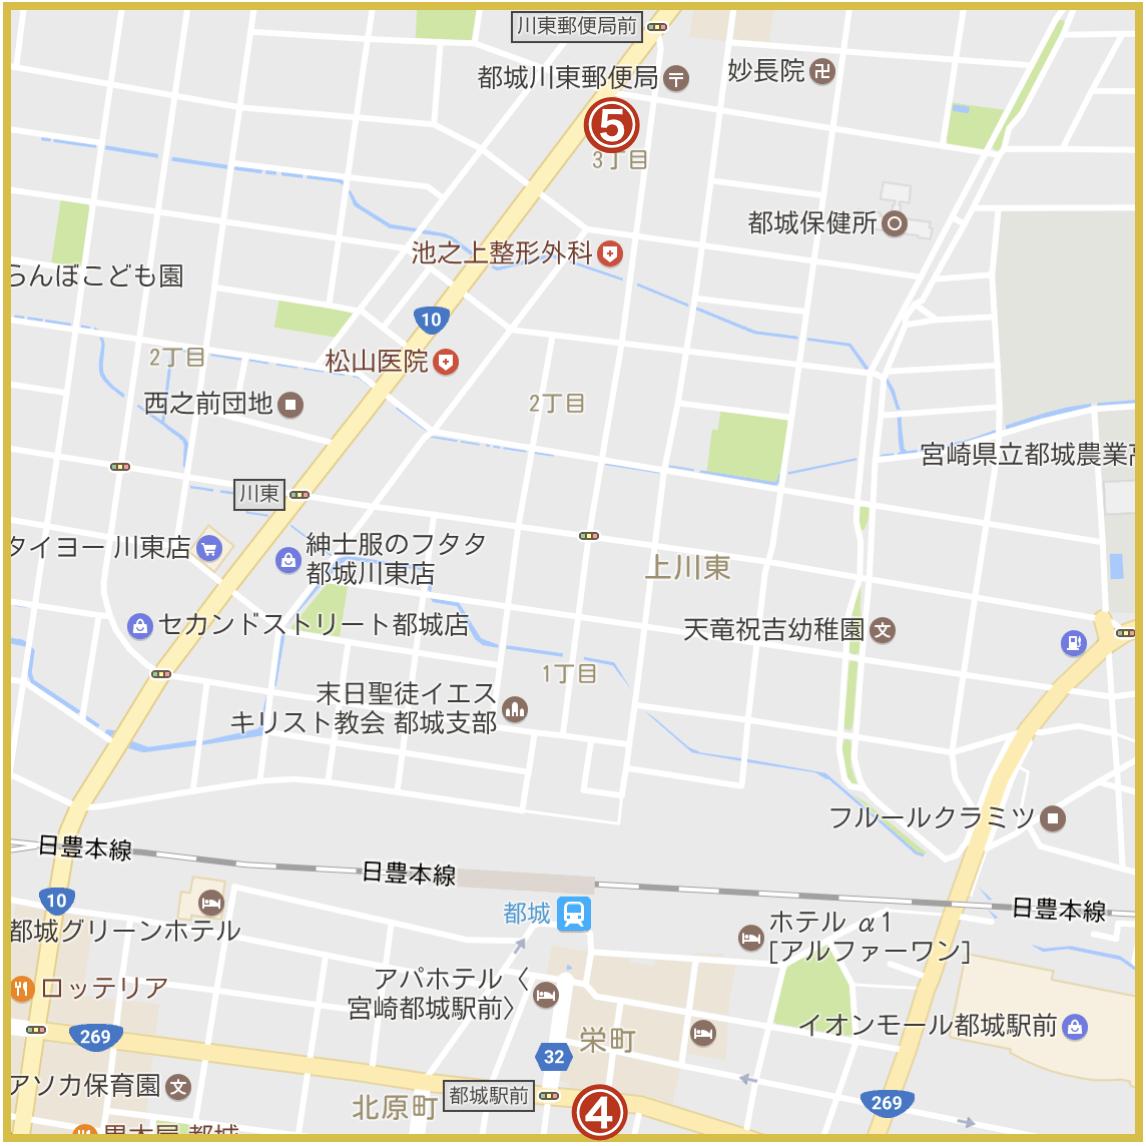 宮崎県都城市にあるアイフル店舗・ATMの位置(2020年版)